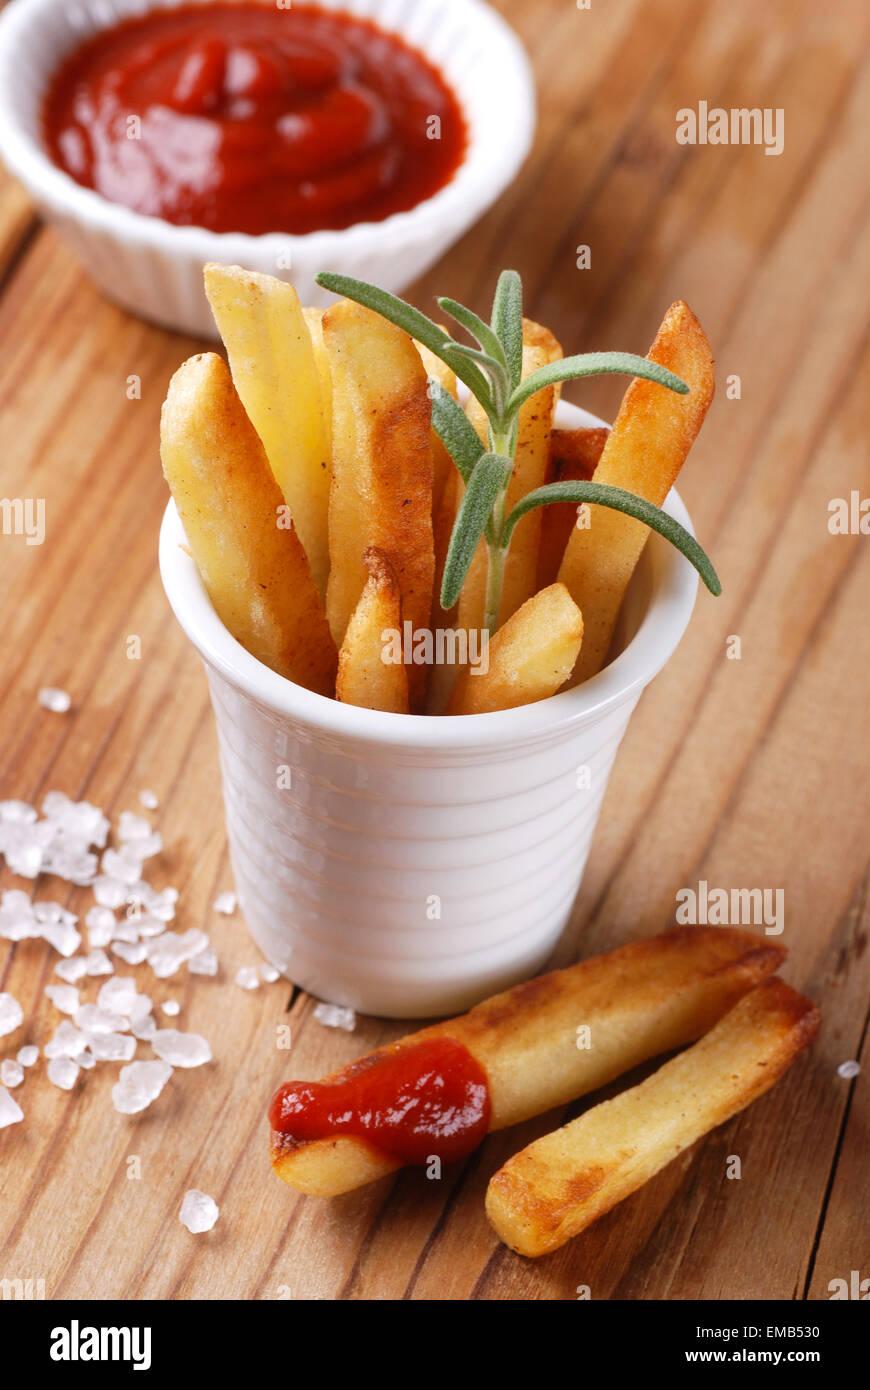 Portion Pommes Frites mit ketchup Stockbild